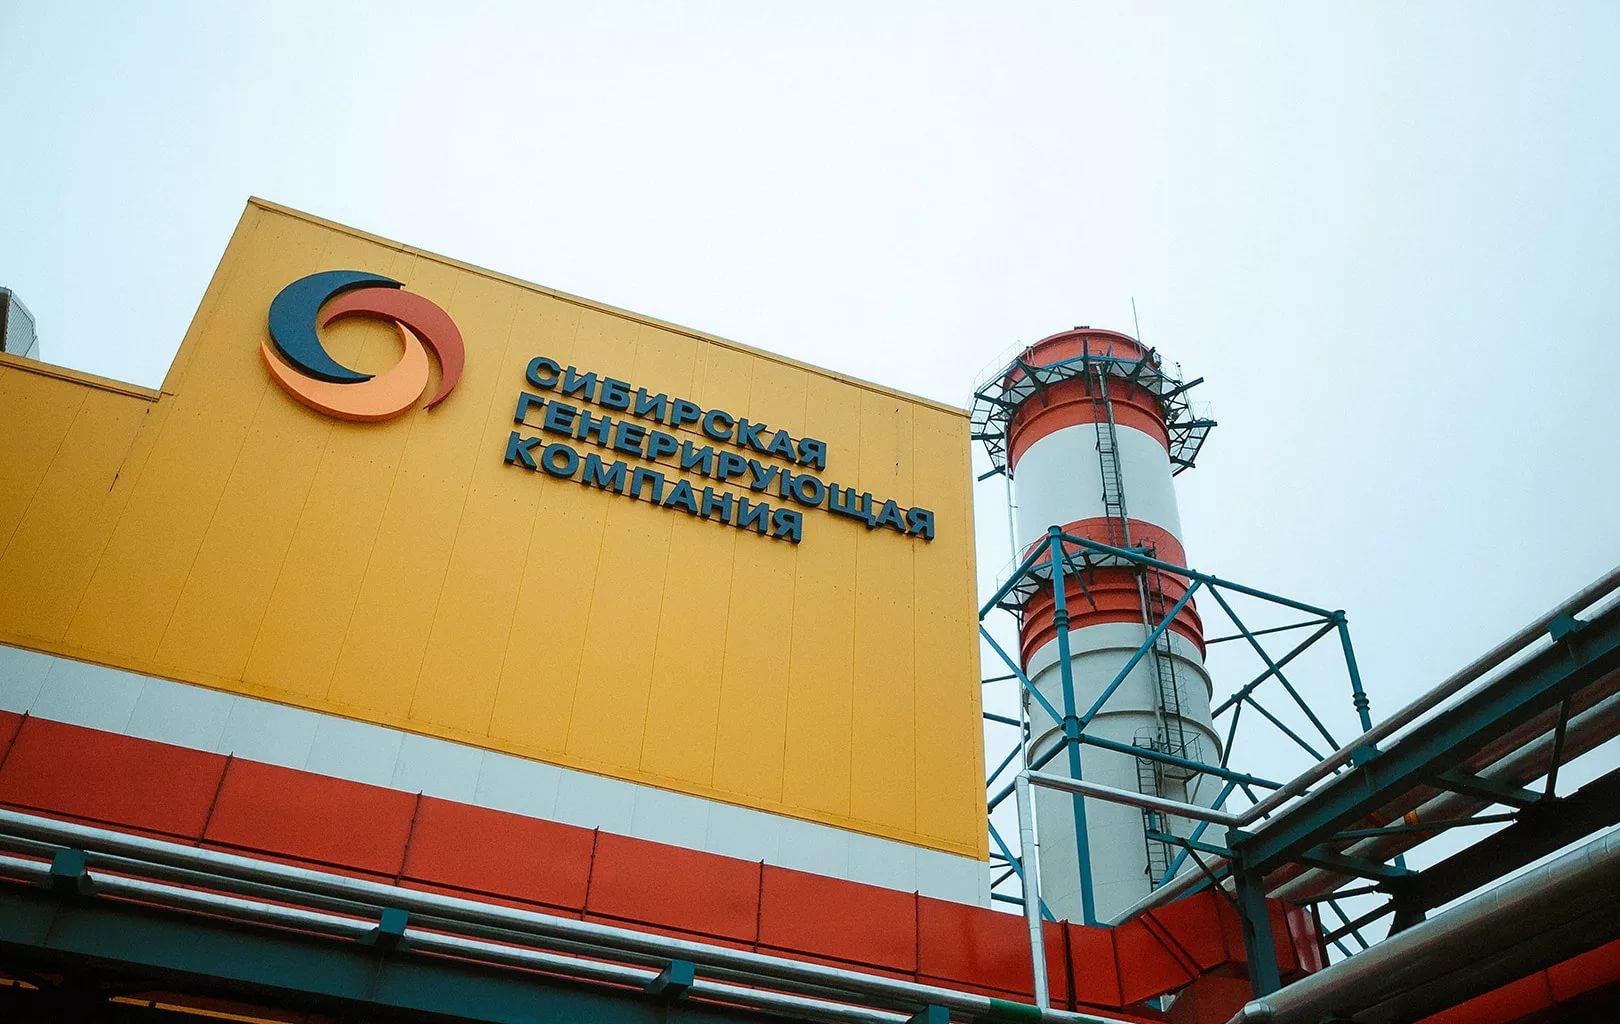 Южная тепловая станция в Рубцовске